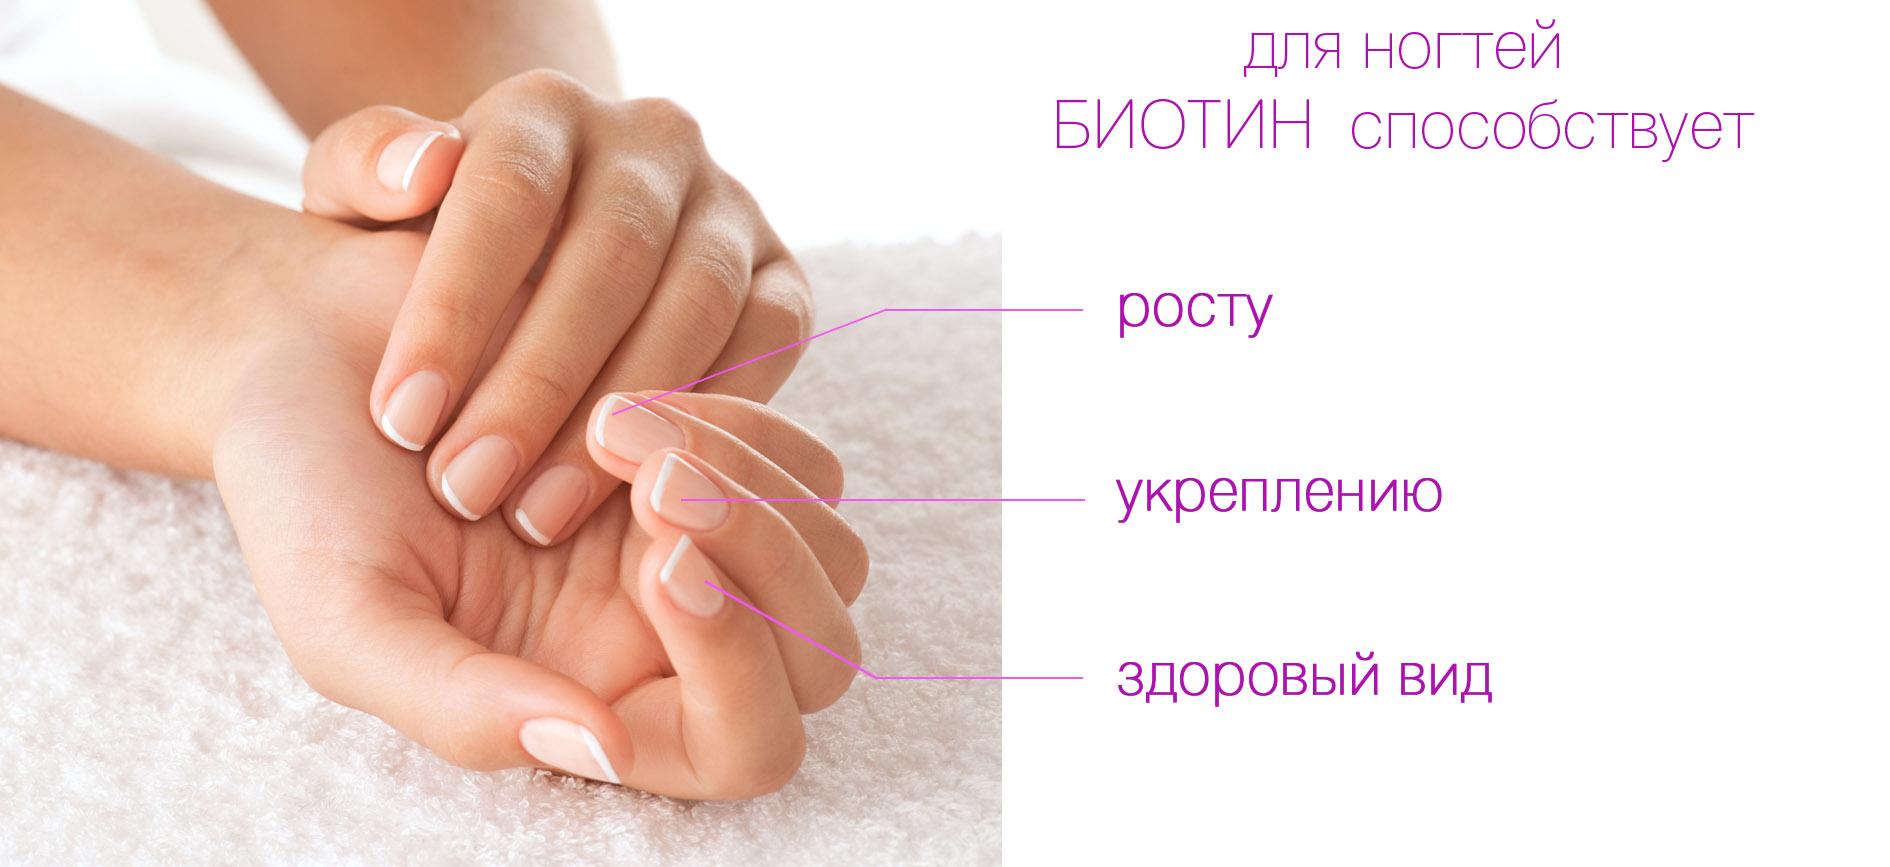 биотин способствует росту ногтей, укрепляет ногти